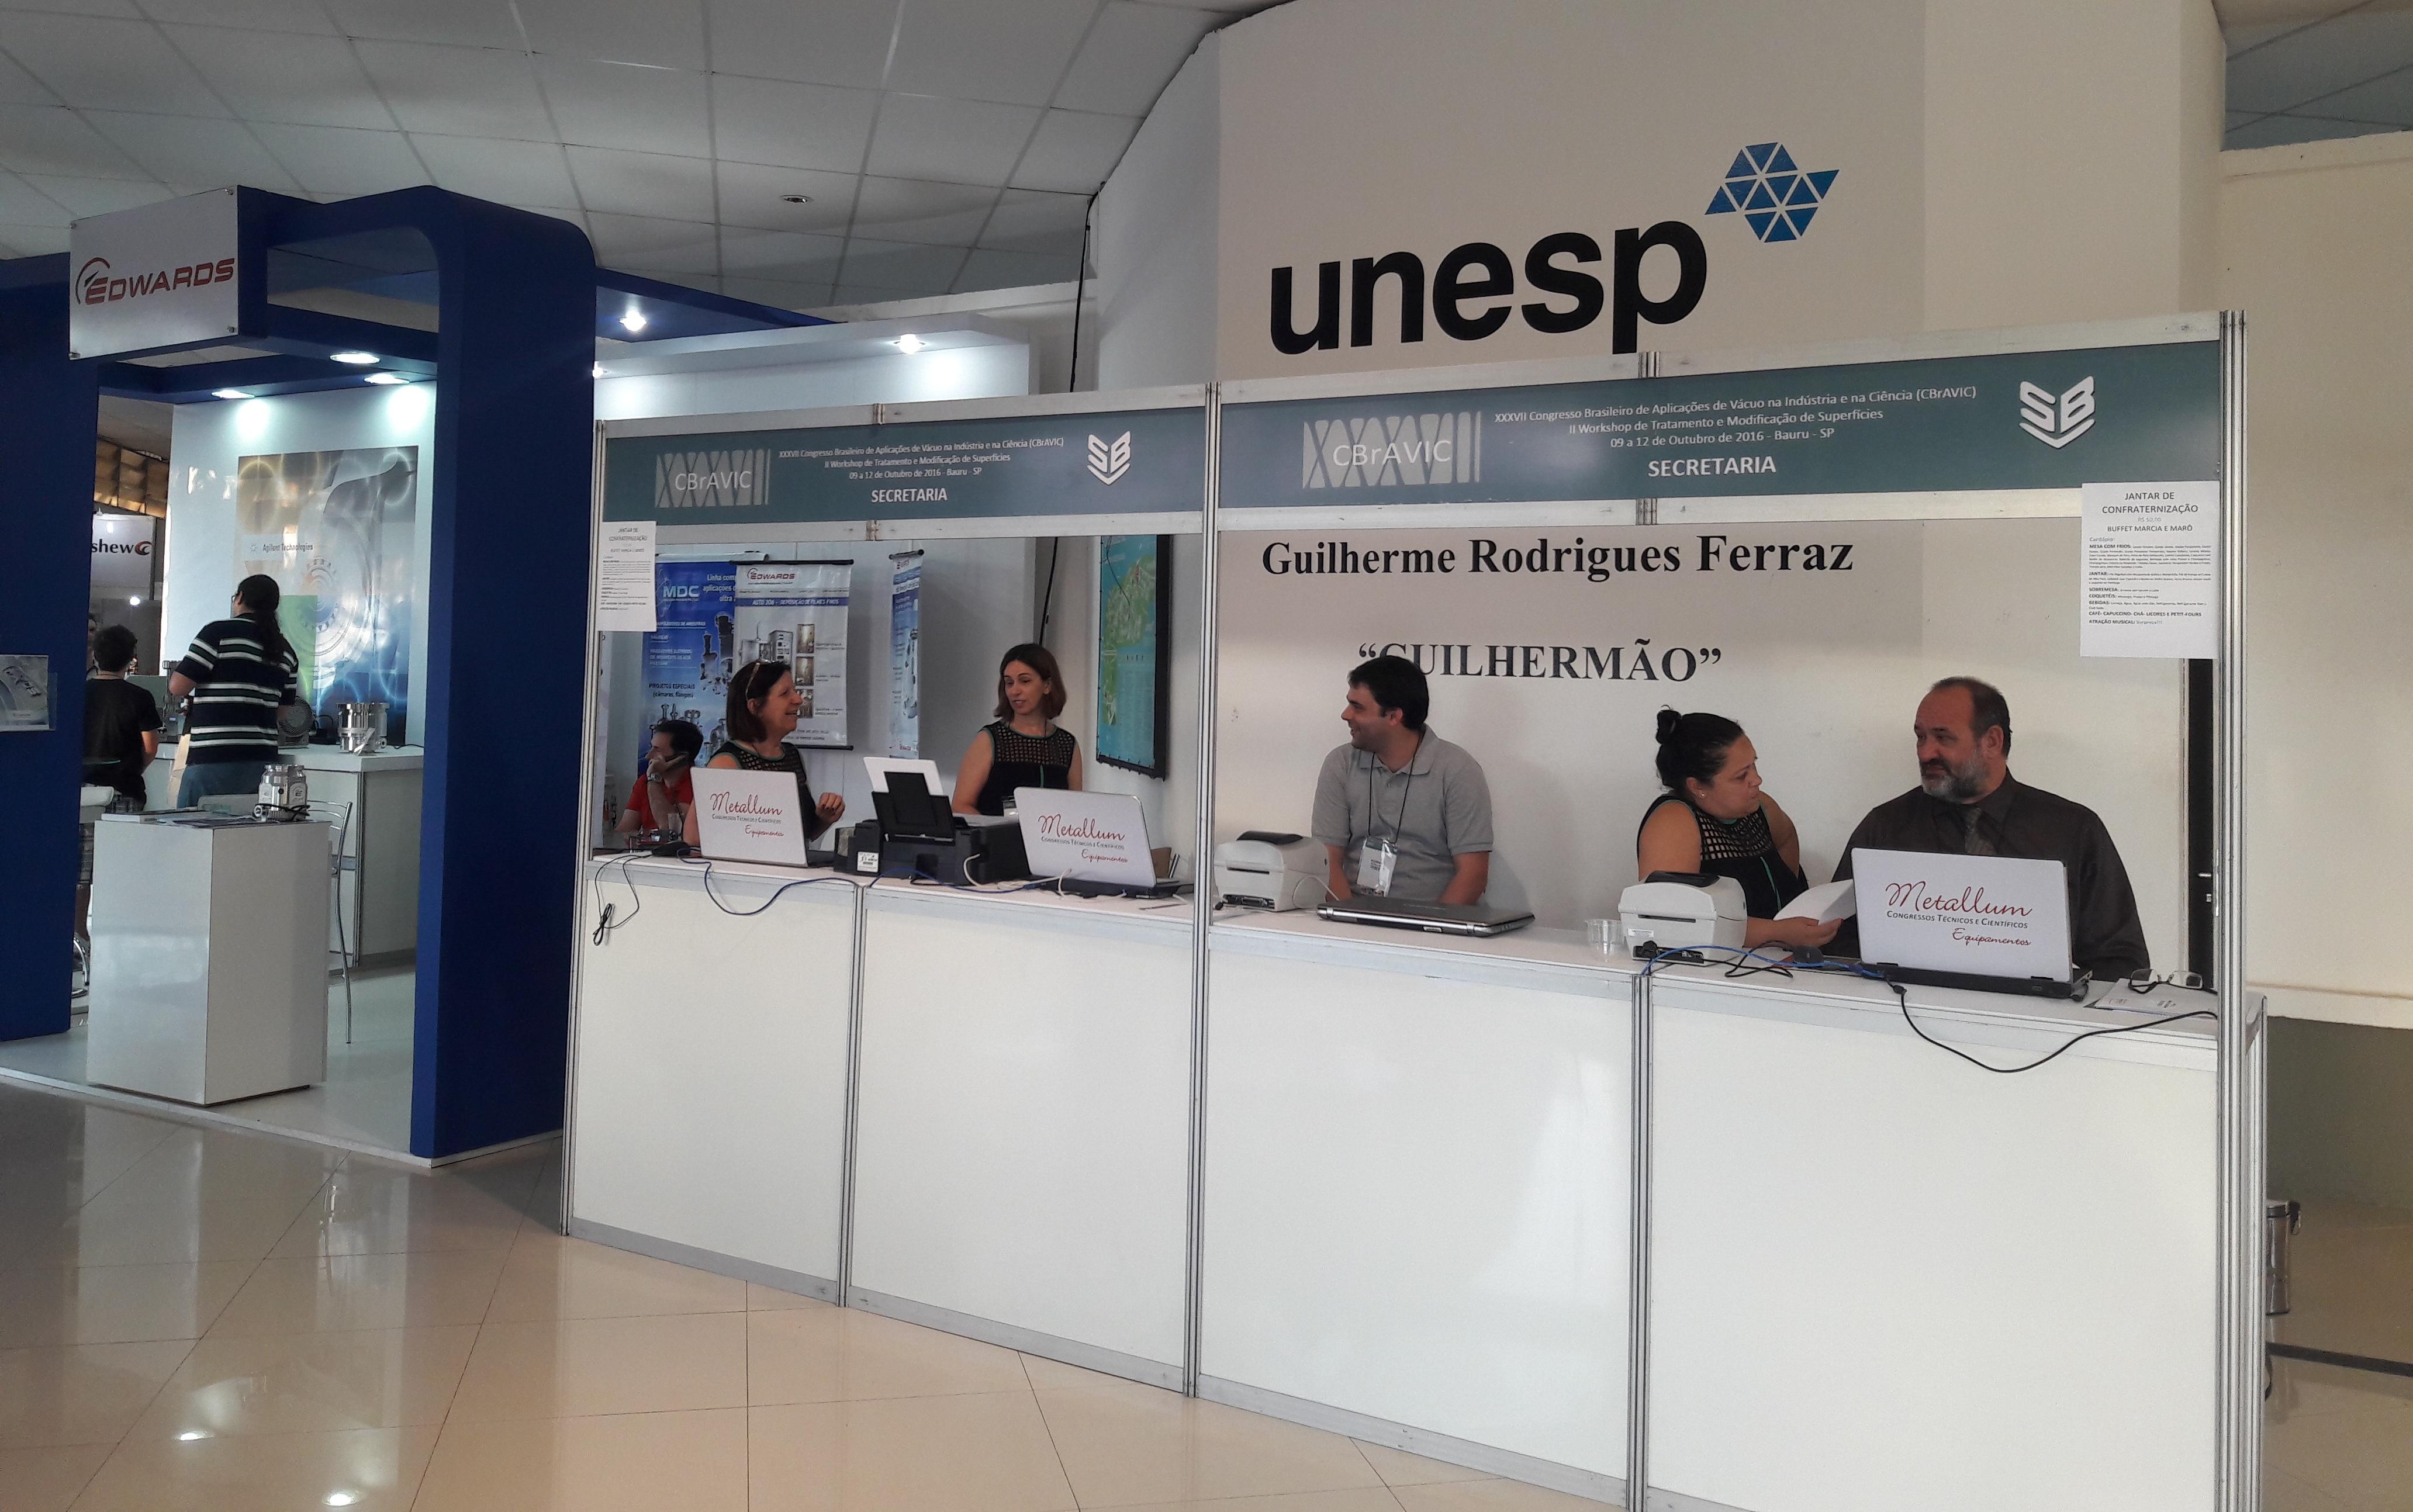 Secretaria CBrAVIC 2016 - UNESP